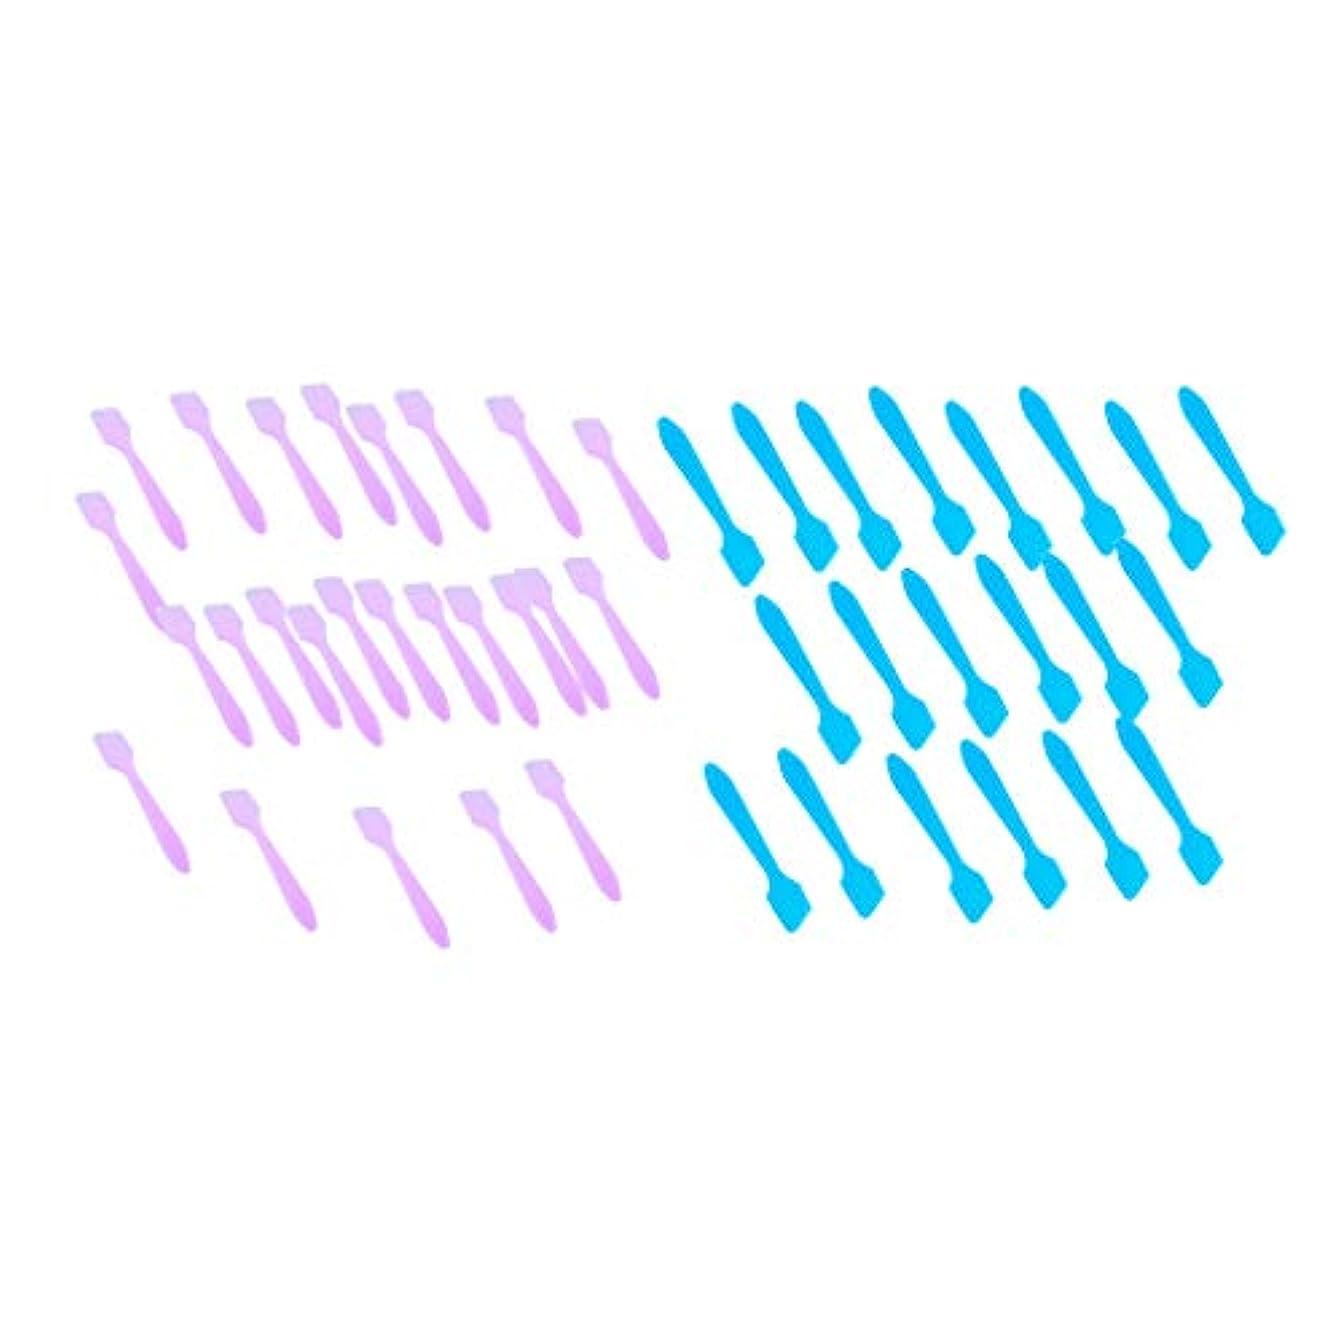 クランシー趣味寝室を掃除する200個セット フェイシャル フェイスマスク混合ツール 化粧品へら 全2選択 - 青+ピンク